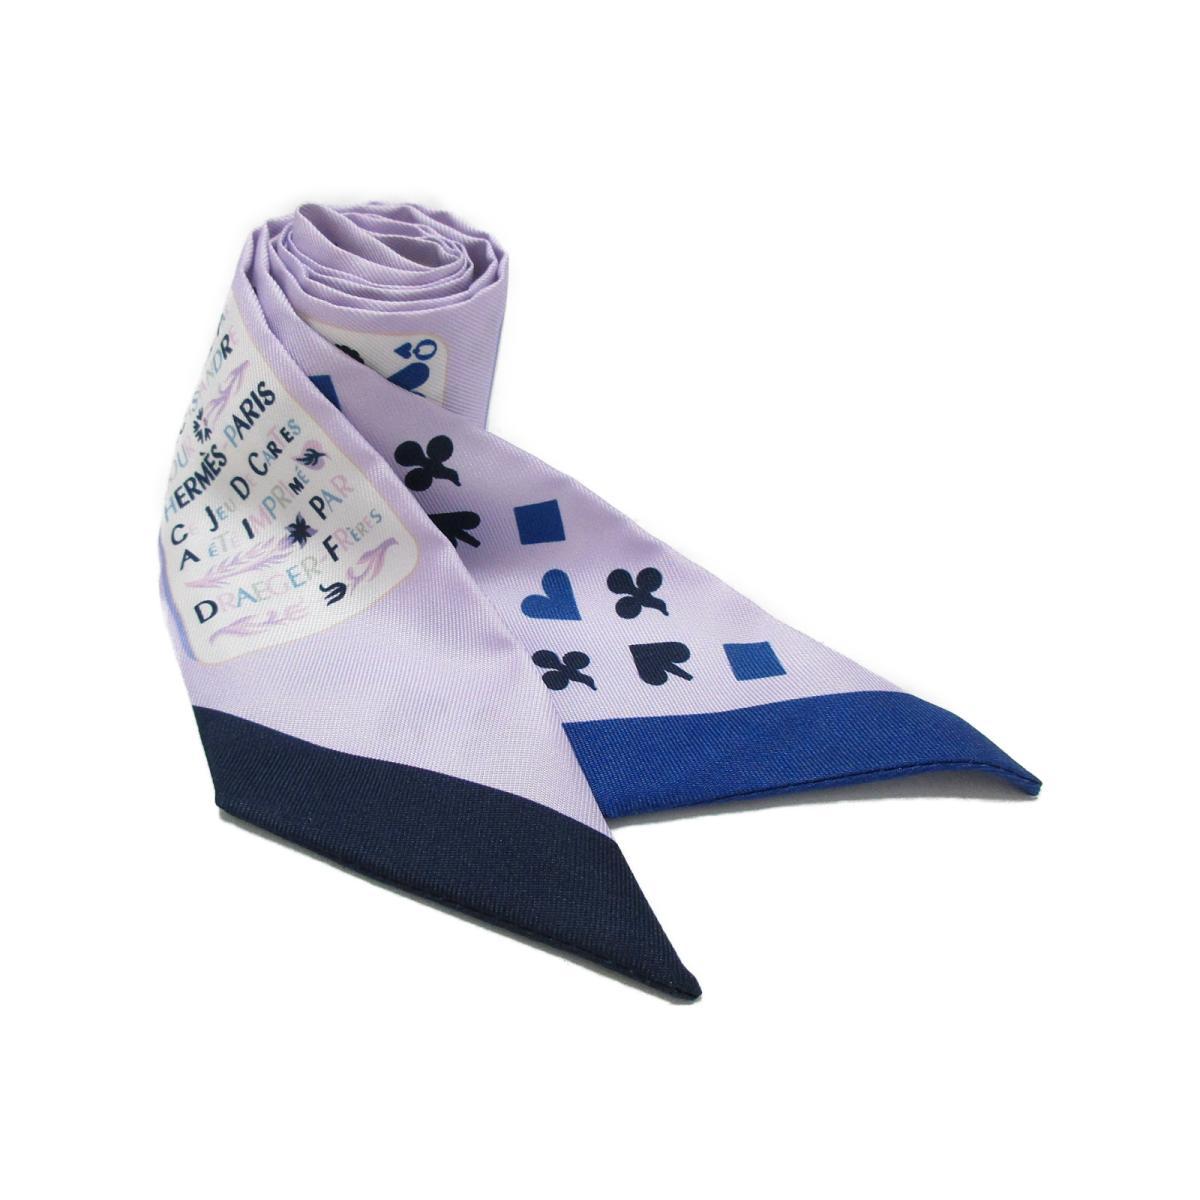 エルメス ジュードカルツ トゥイリー スカーフ レディース シルク モーブ x ブルー x ブラン (MAUVE/BLEU/BLANC) | HERMES スカーフ ジュードカルツ トゥイリー 新品 ブランドオフ